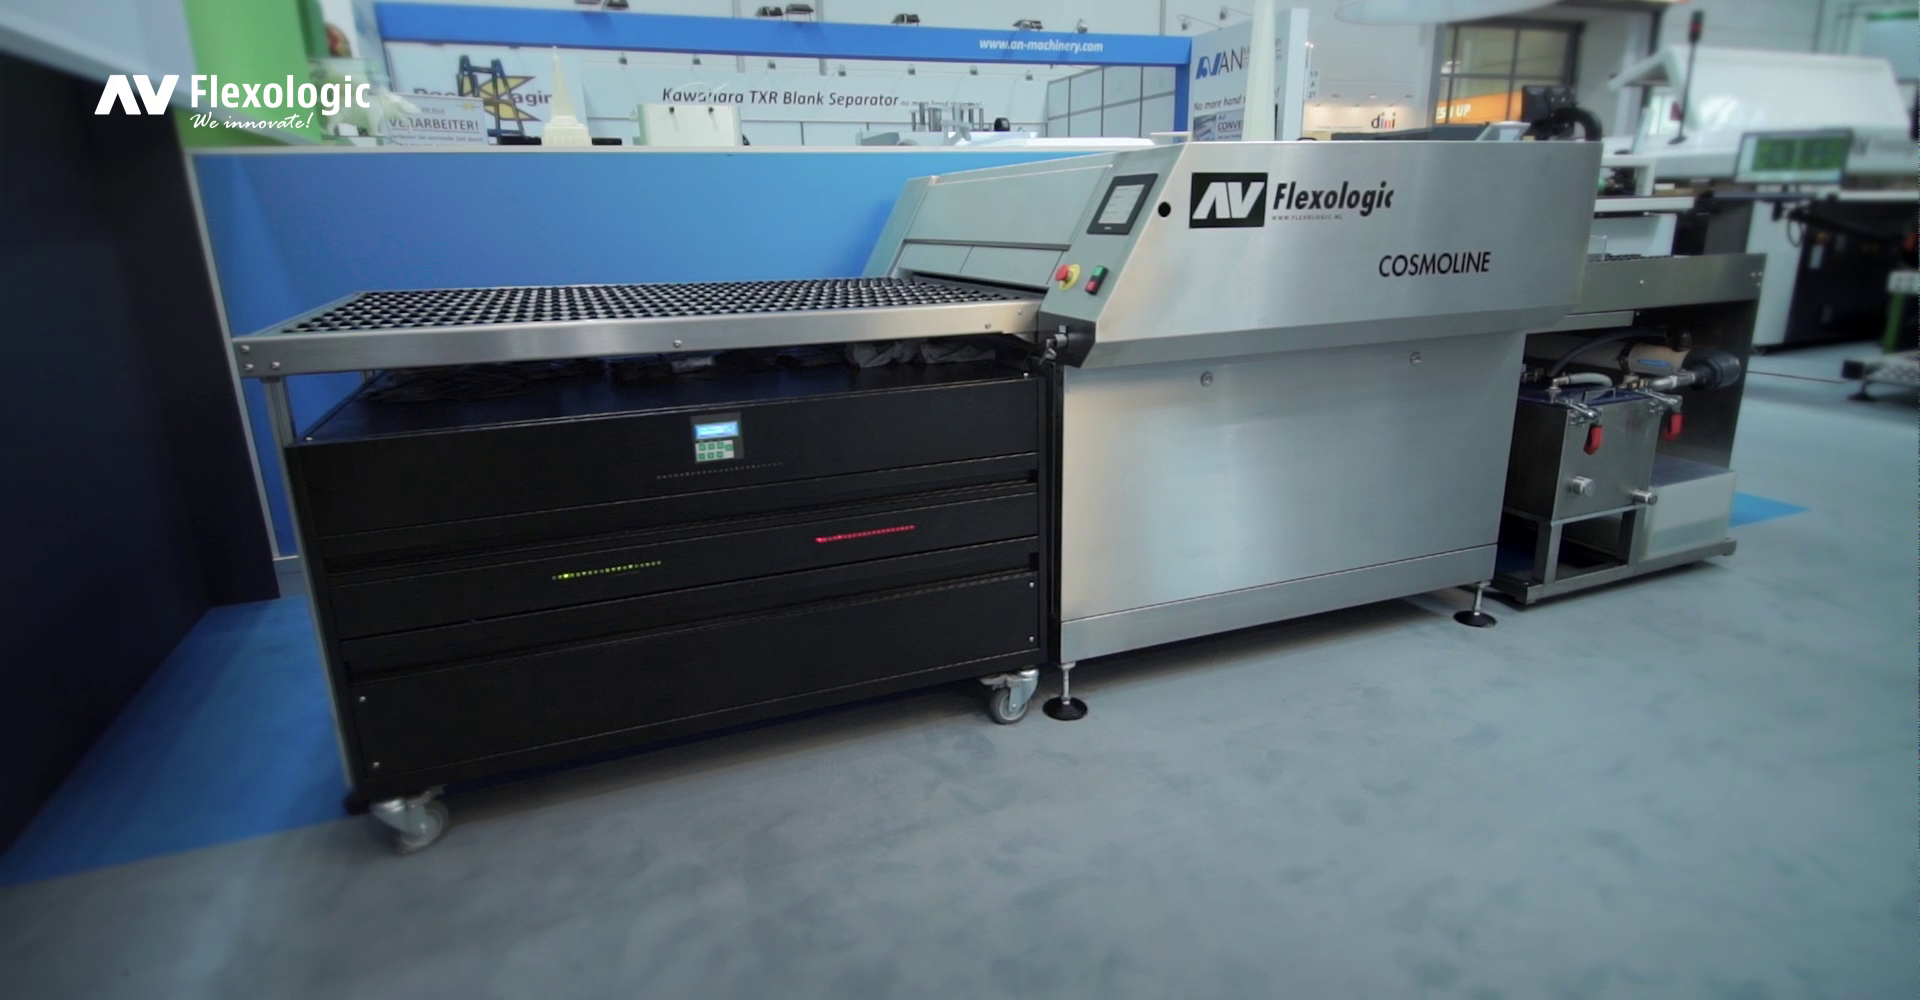 Cosmoline - Flexo Plate Making Machine   AV Flexologic